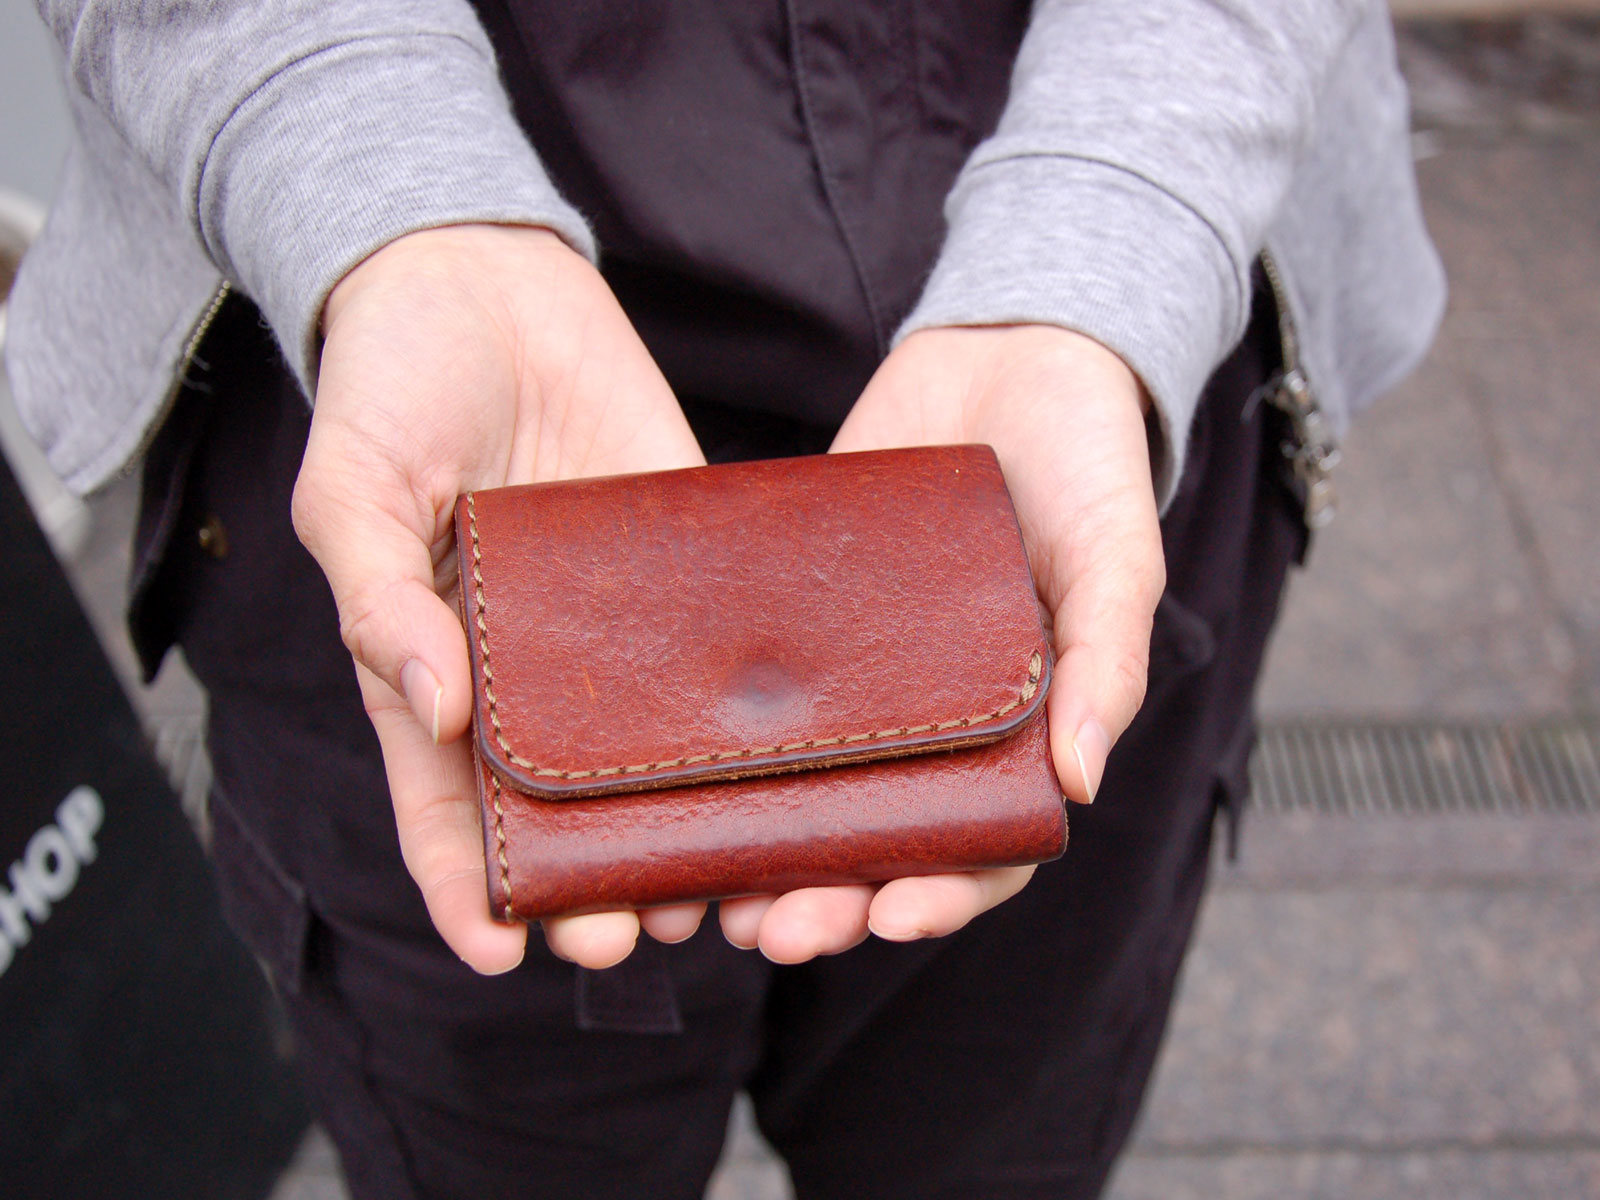 スタッフ愛用品:Organミニ財布